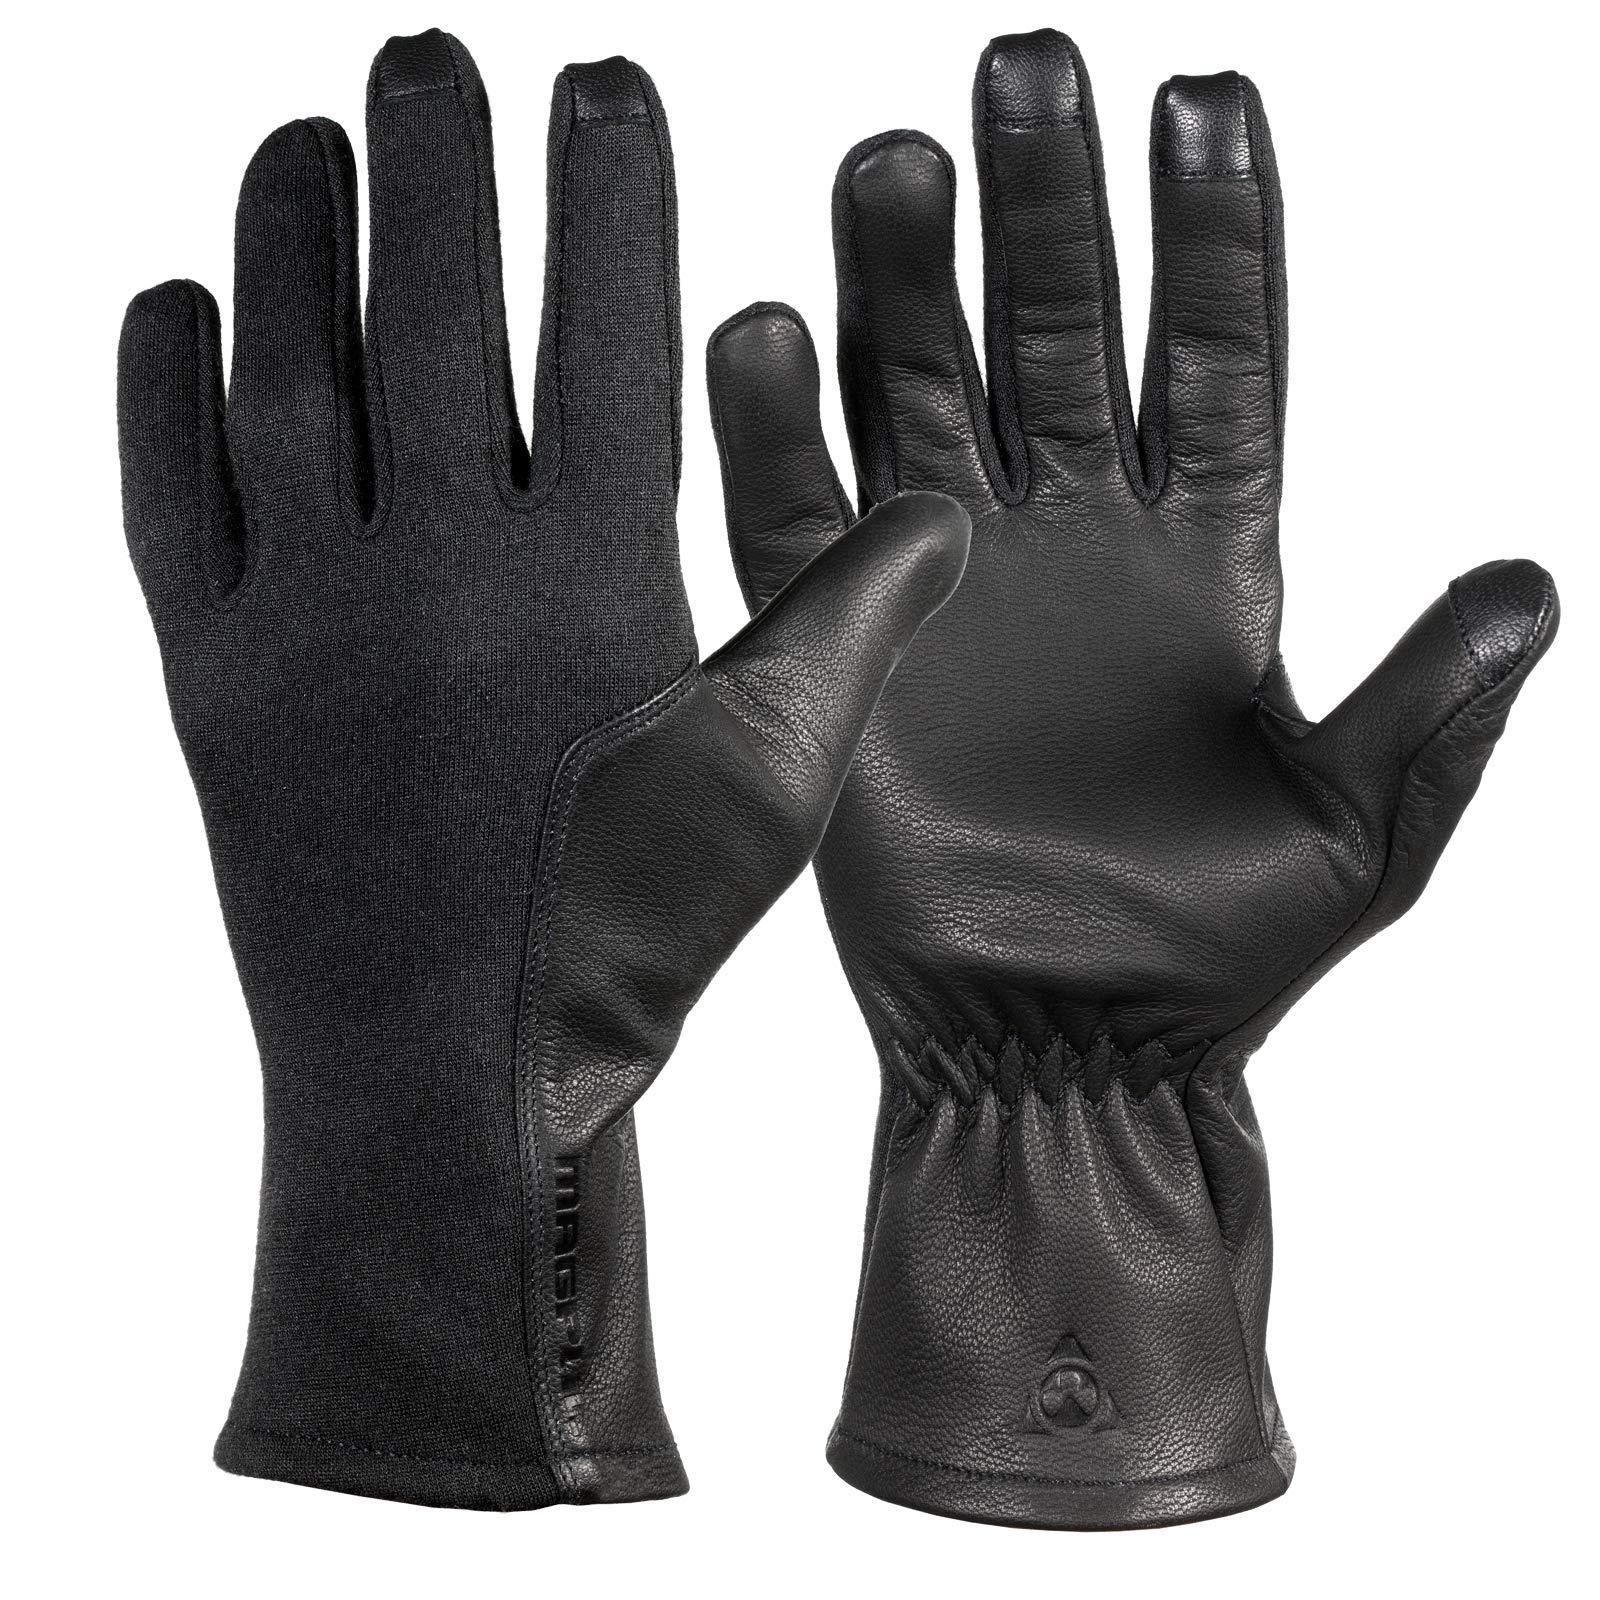 Magpul Core Flight Modern Nomex Gloves Medium, Black, Medium